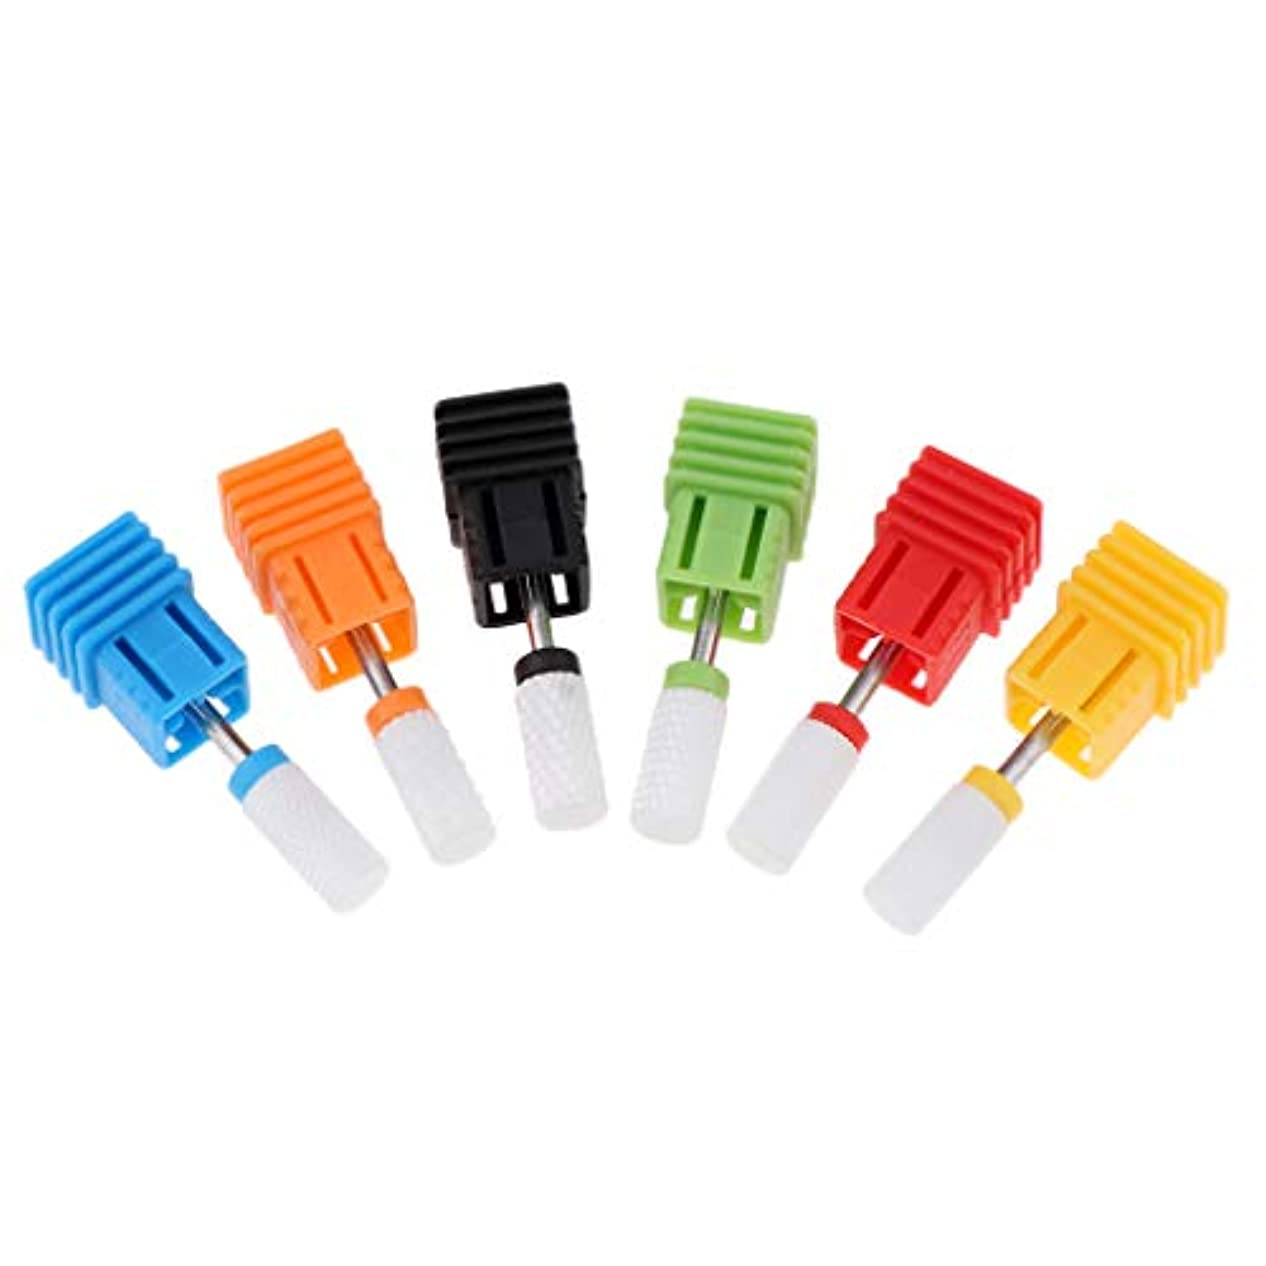 添加不幸有効化6個セット ネイルドリルビット セラミック ネイルファイル マニキュア 電気研削研磨ヘッド 2タイプ選べ - #2